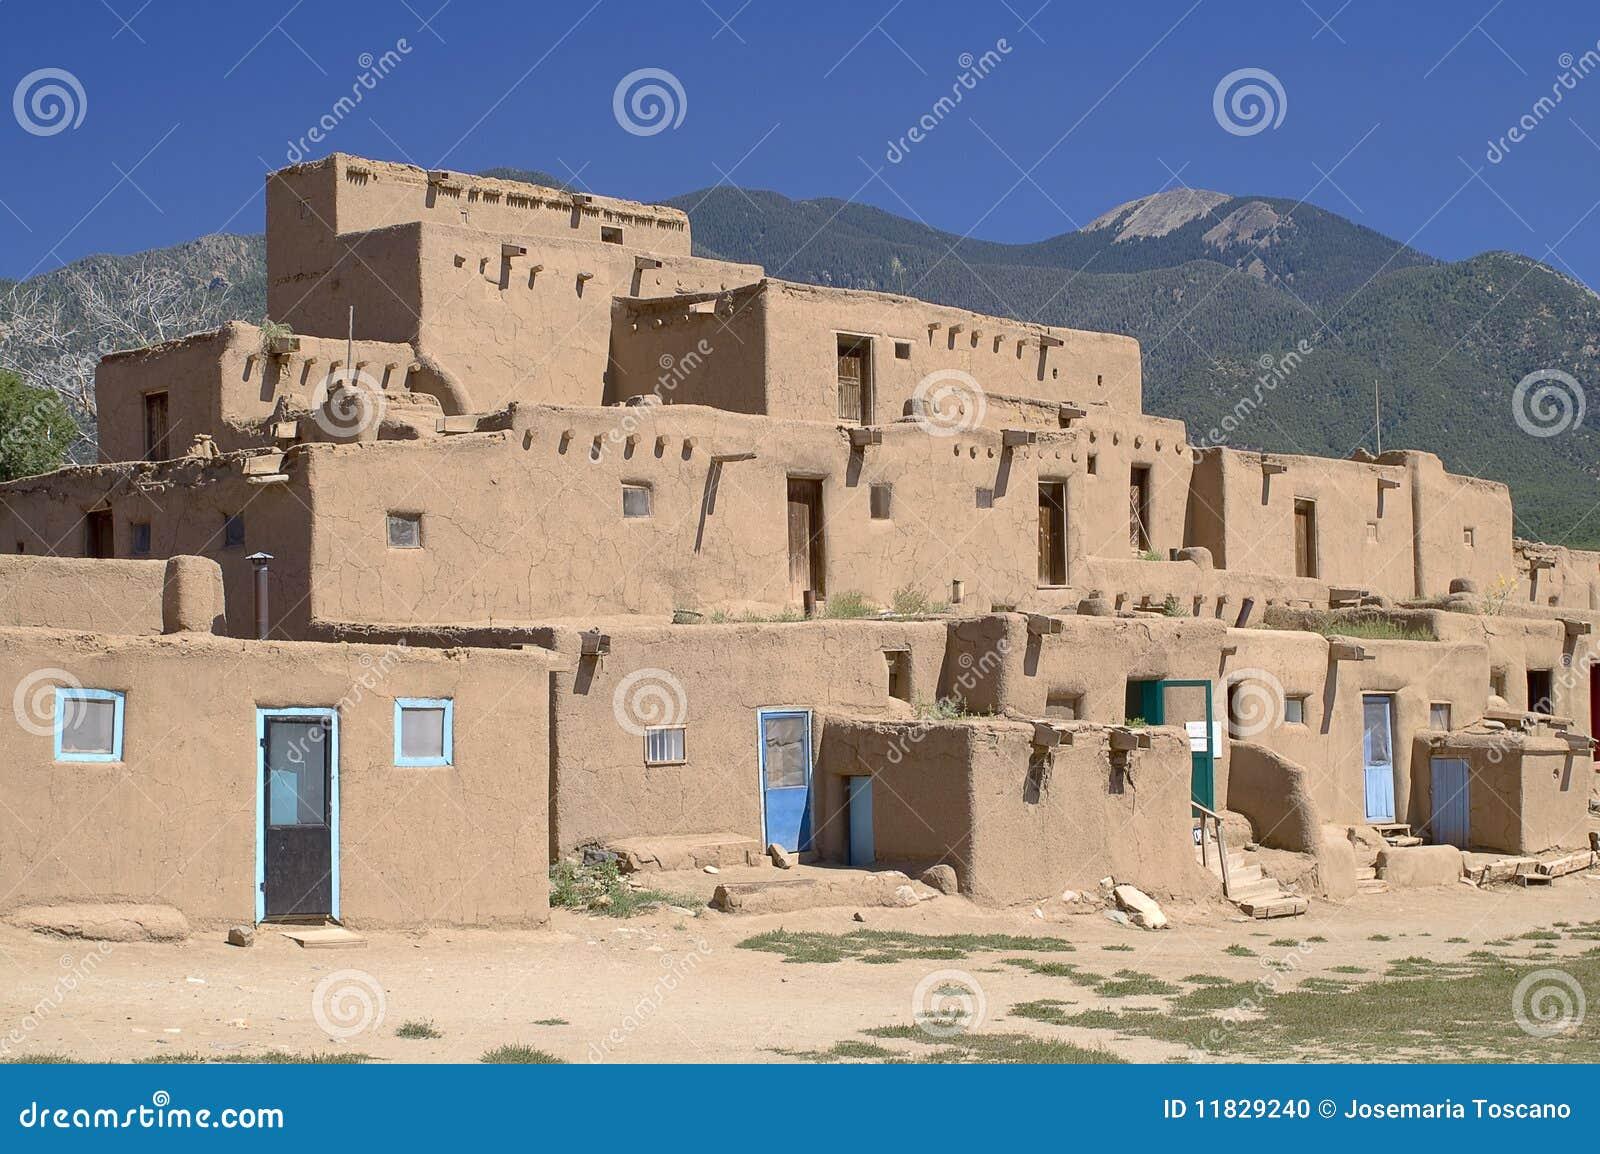 Adobe houses in the pueblo of taos stock photo image - Casas de pueblo ...